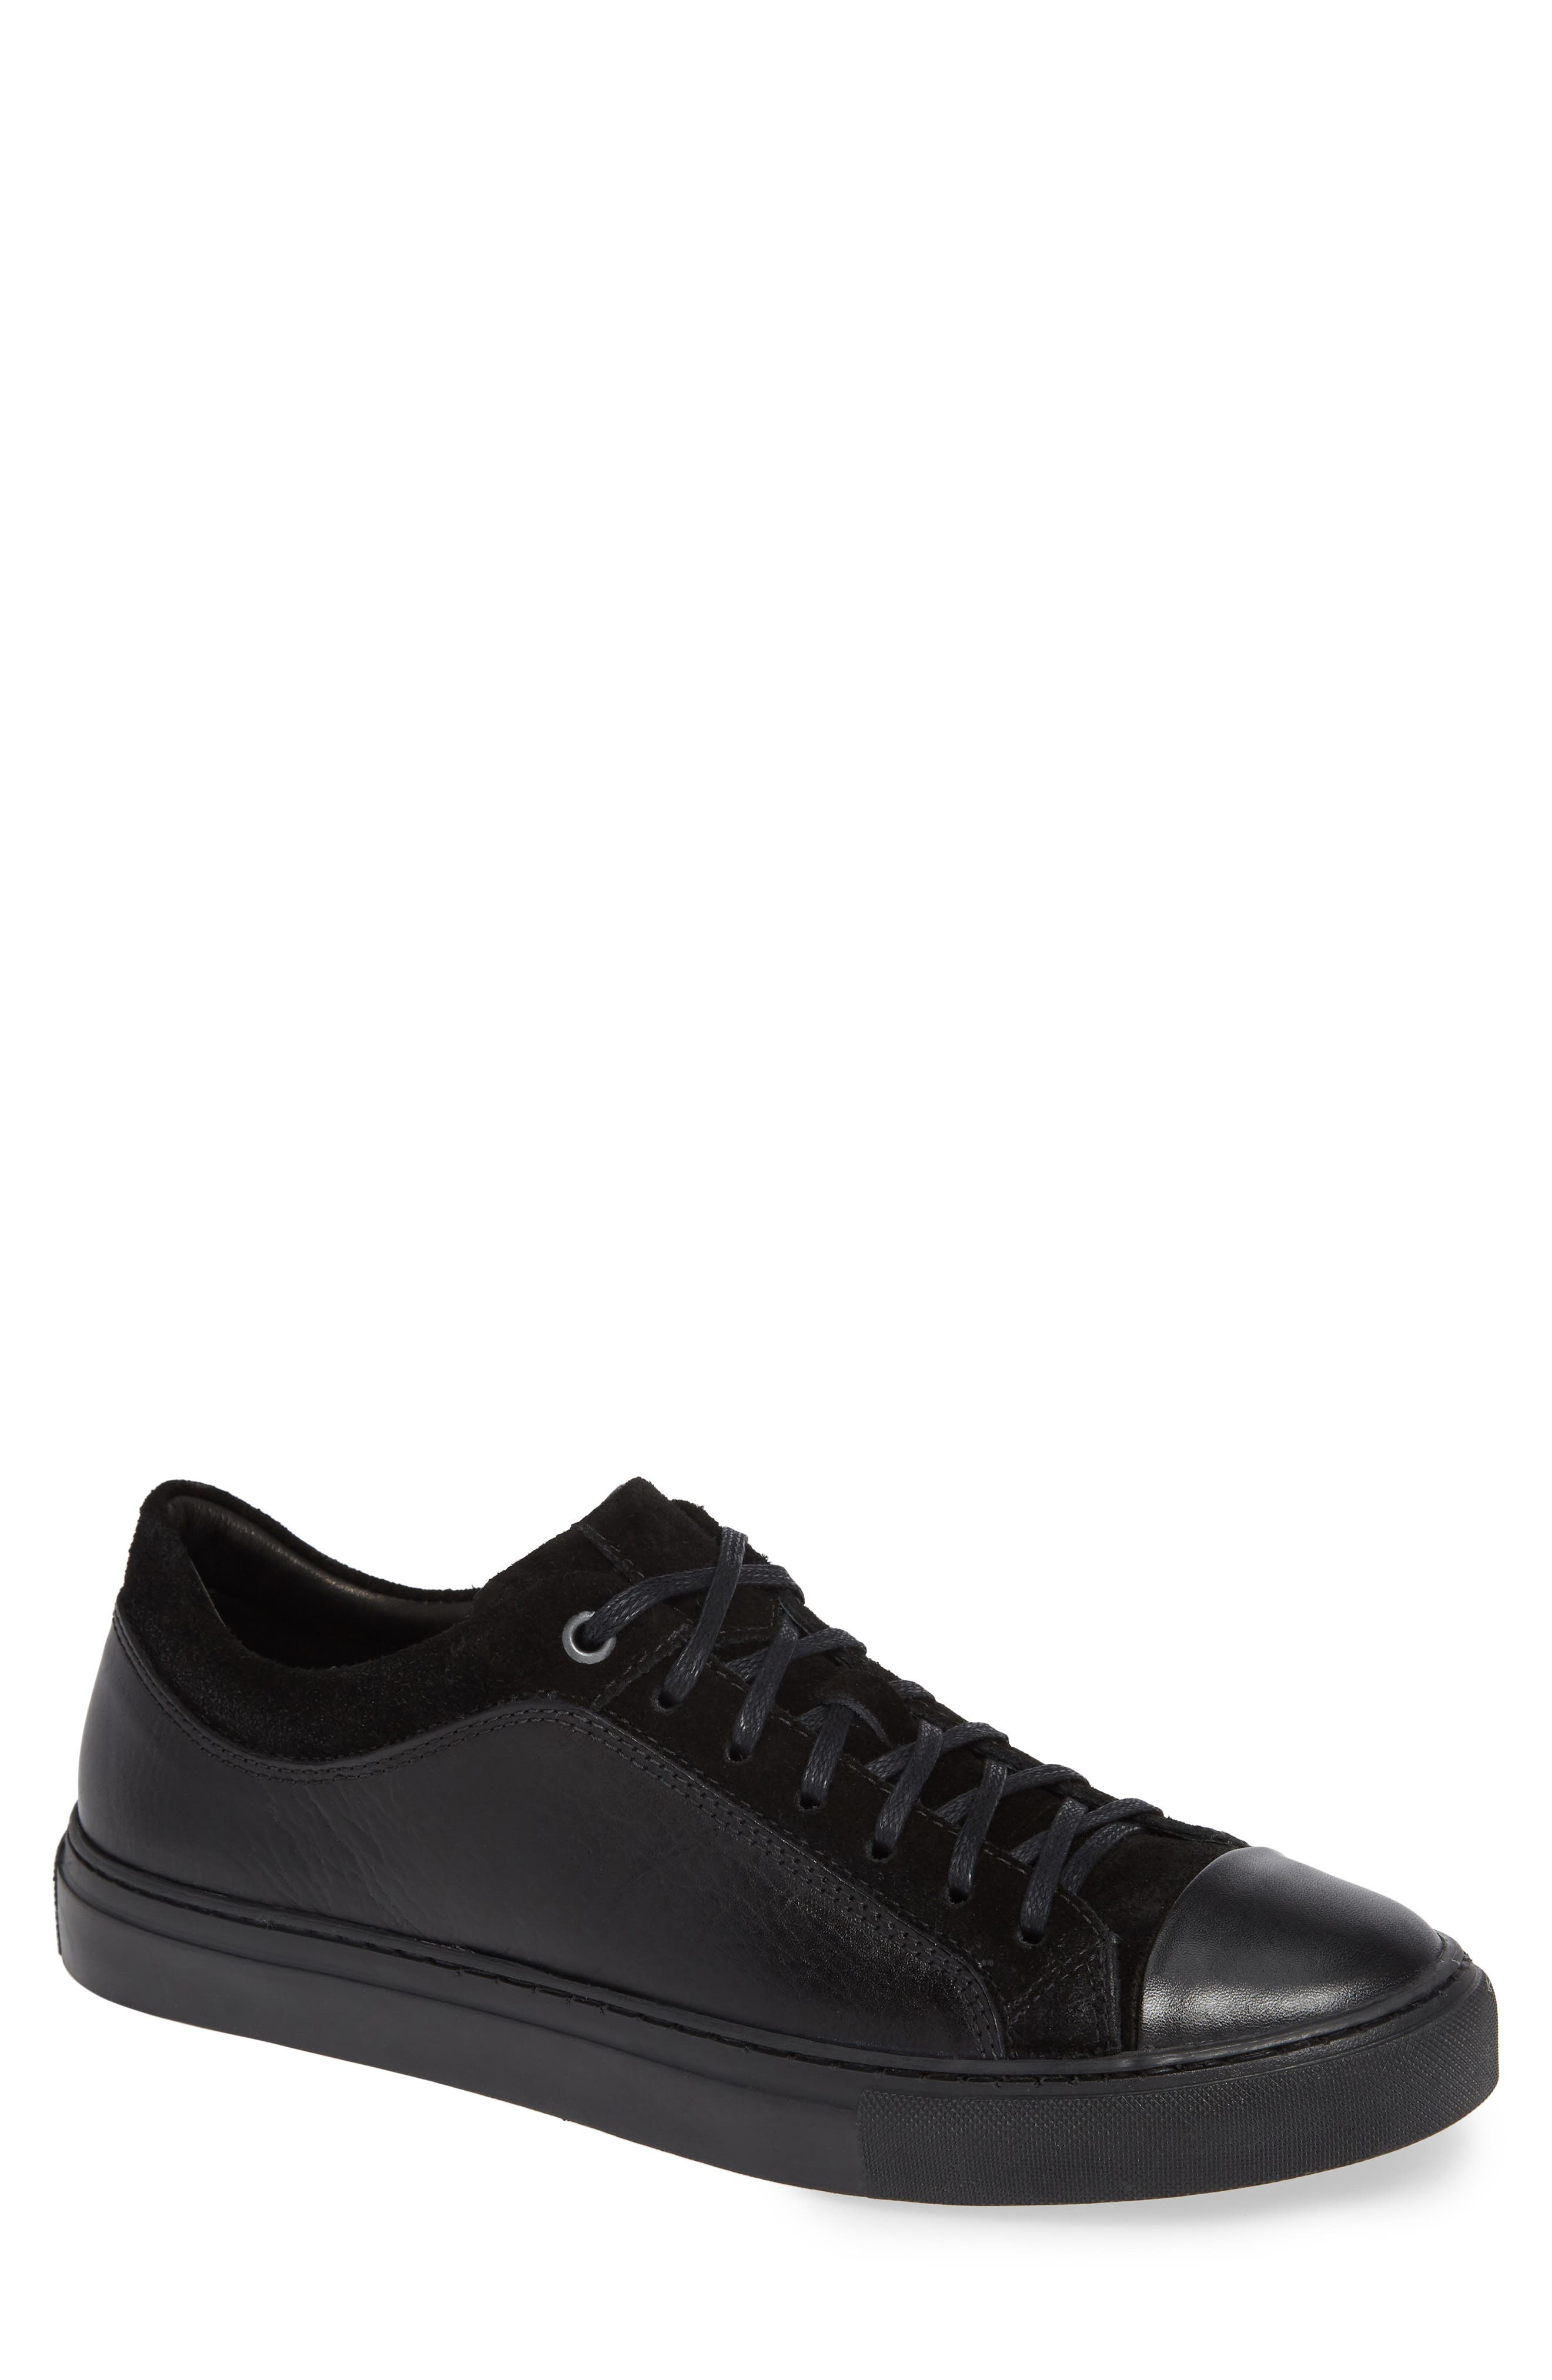 Berkeley Sneaker,                         Main,                         color, BLACK